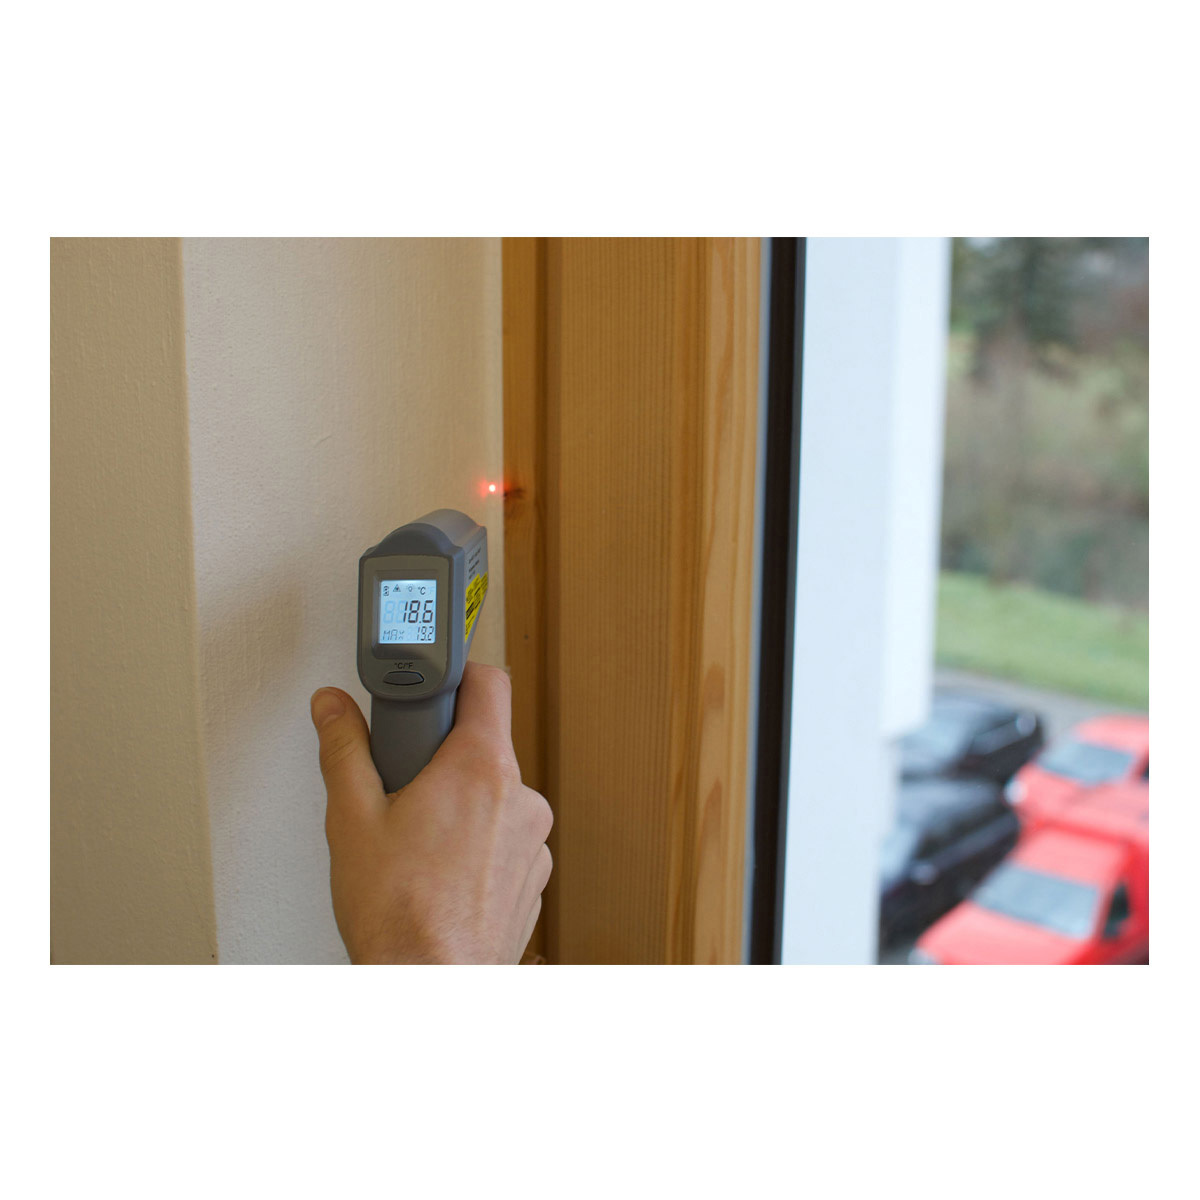 31-1132-infrarot-thermometer-beam-anwendung-1200x1200px.jpg